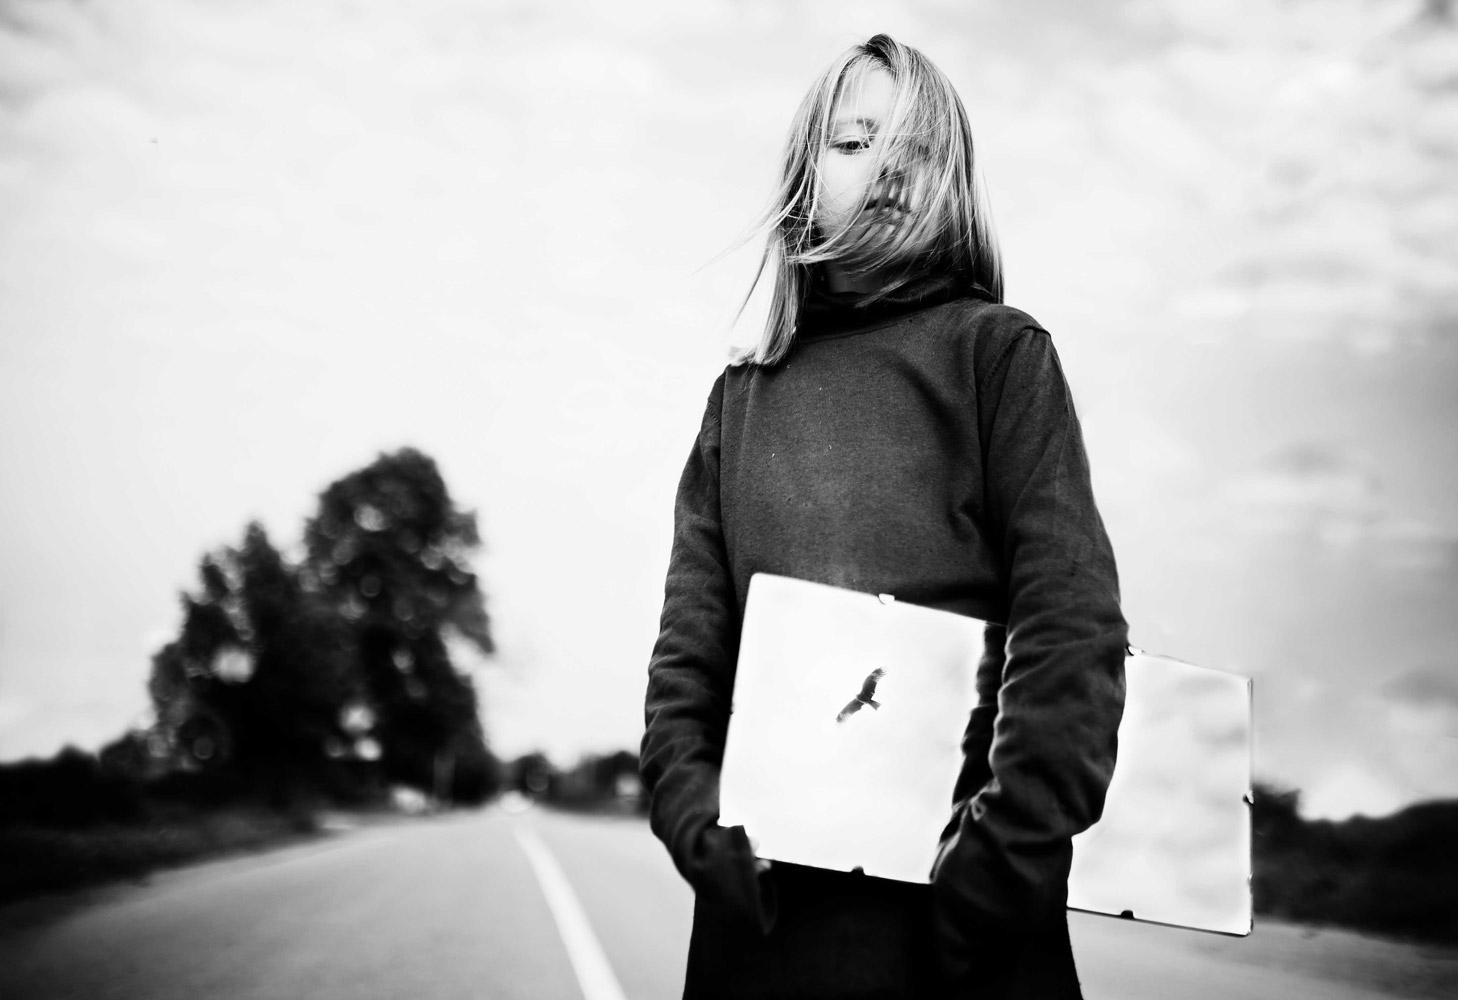 Полёт, © Ольга Федорова, Россия, 2-е место, Конкурс детской фотографии в чёрно-белом